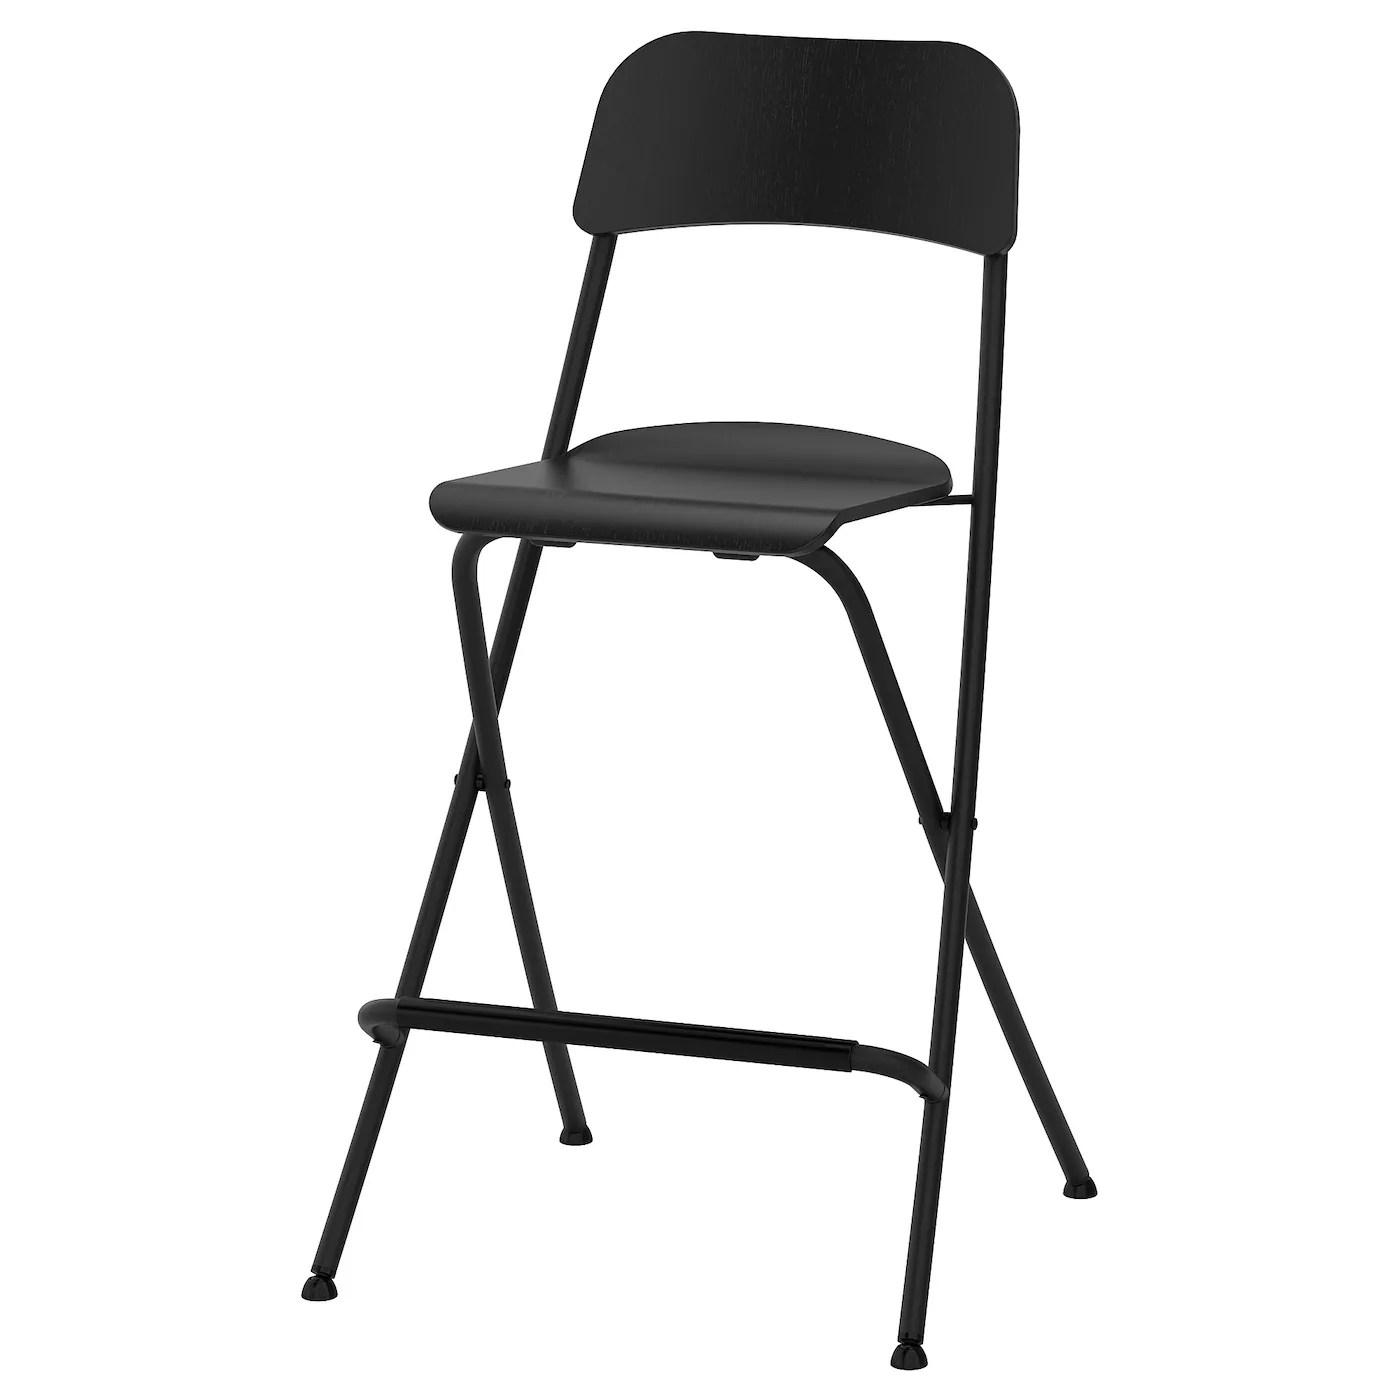 Franklin Chaise De Bar Pliante Noir Noir 63 Cm Ikea